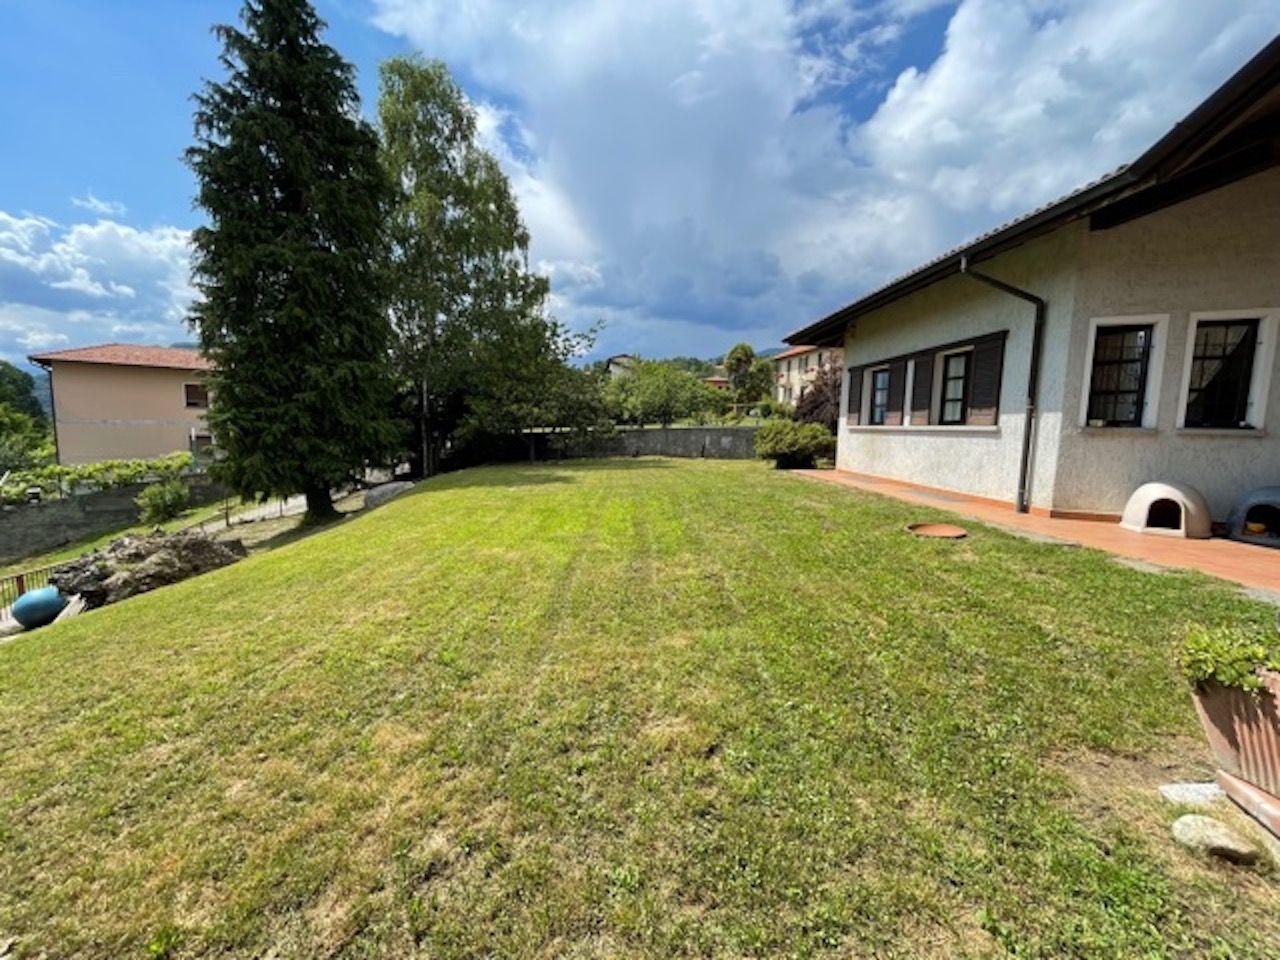 Casa indipendente a Verbania Biganzolo con giardino